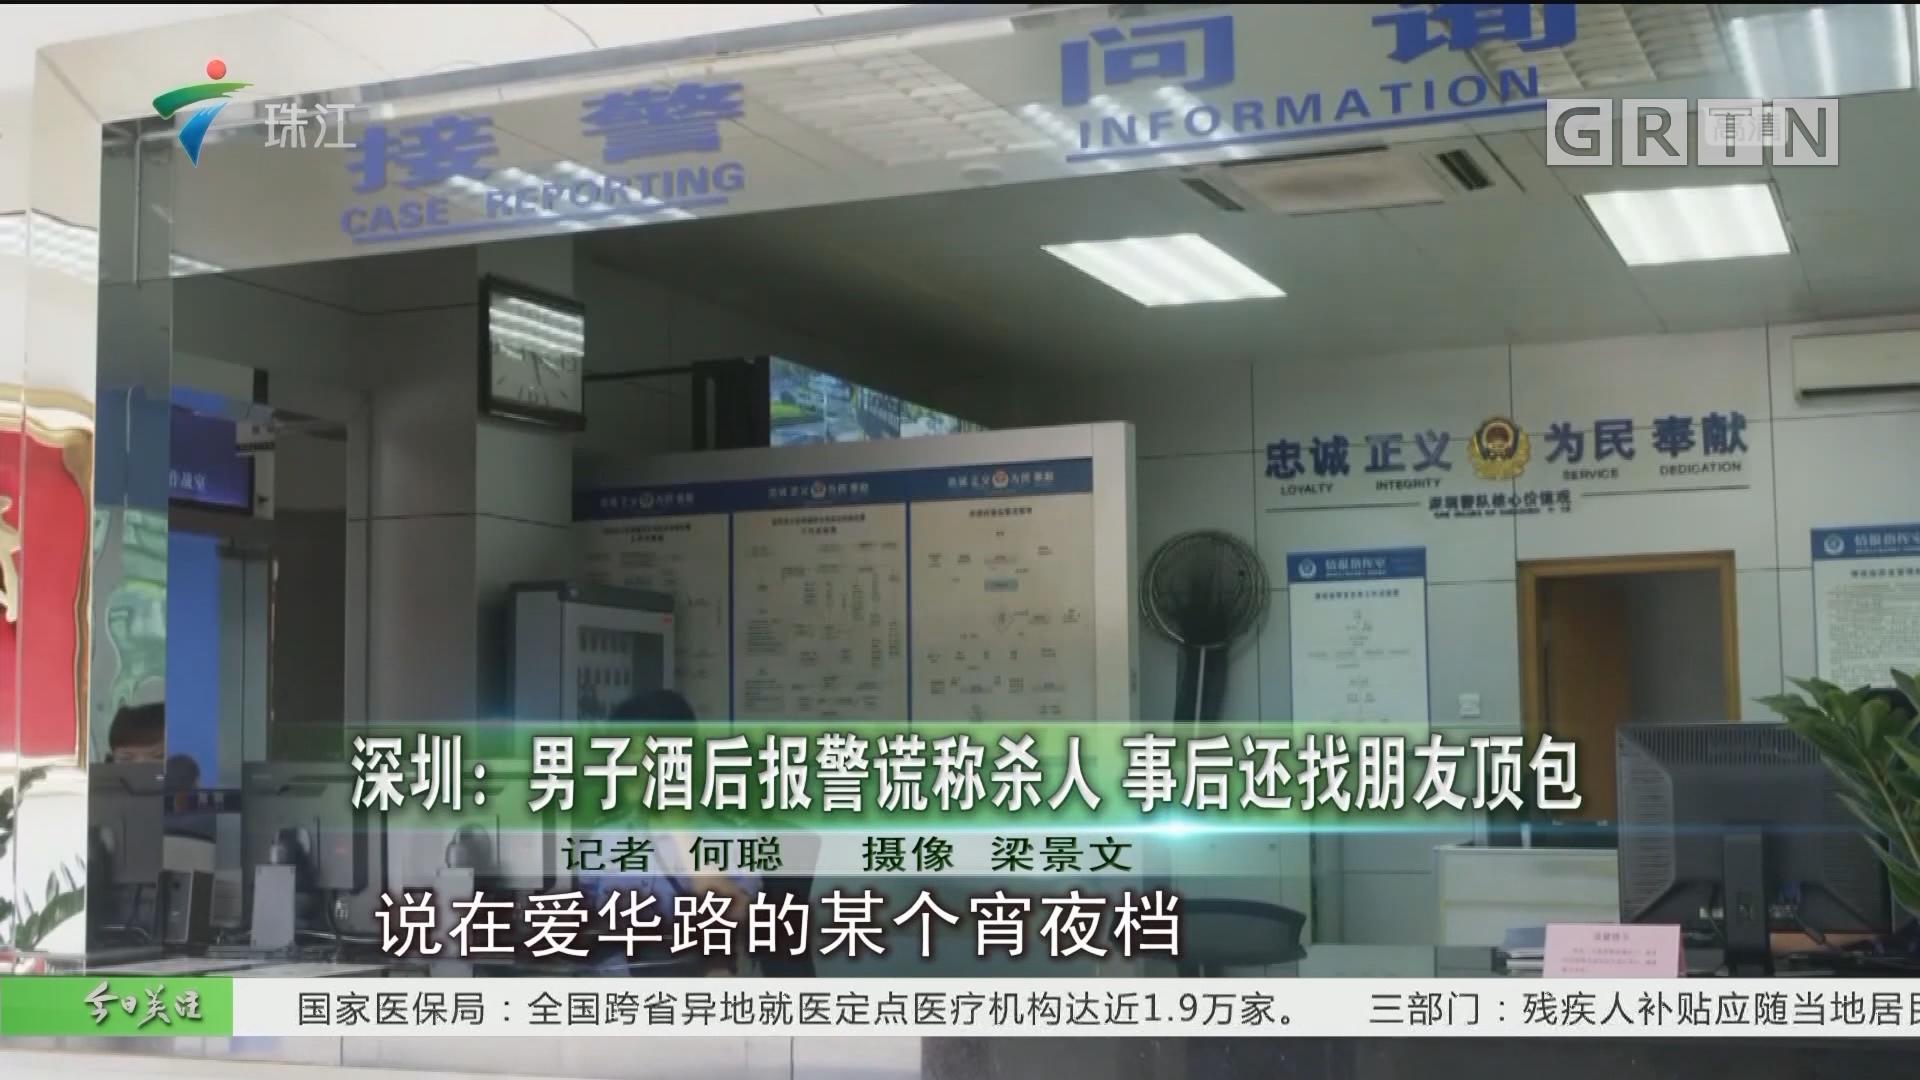 深圳:男子酒后报警谎称杀人 事后还找朋友顶包